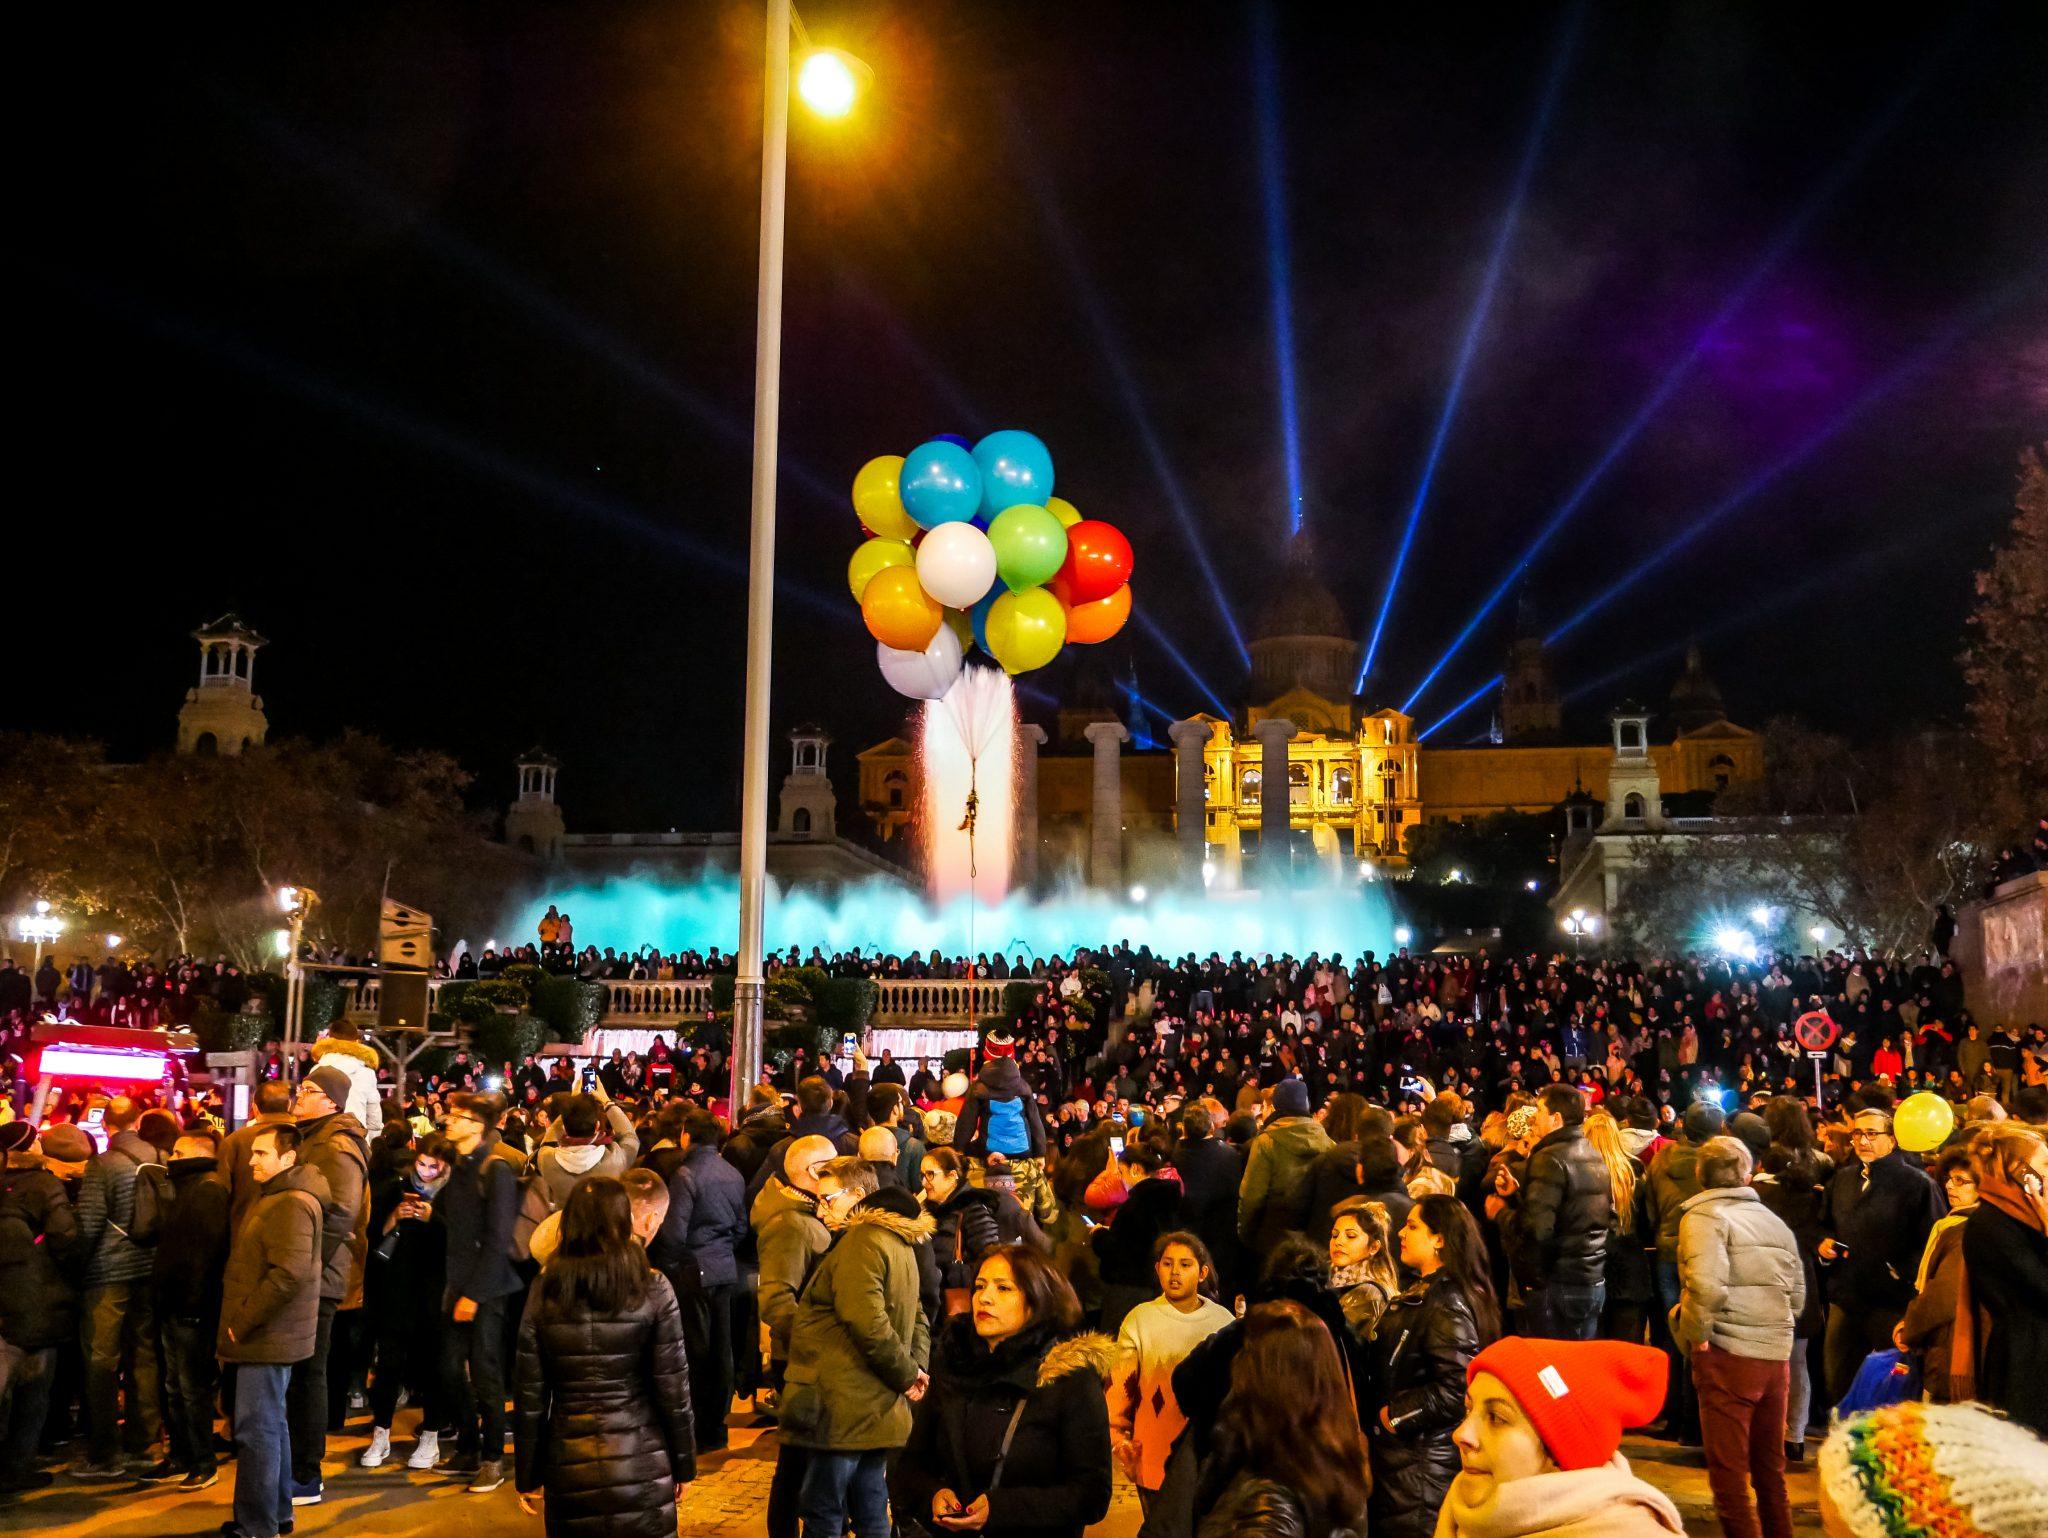 Vor dem Montjüïc in Barcelona endet dieser Umzug der Reyes Magos.